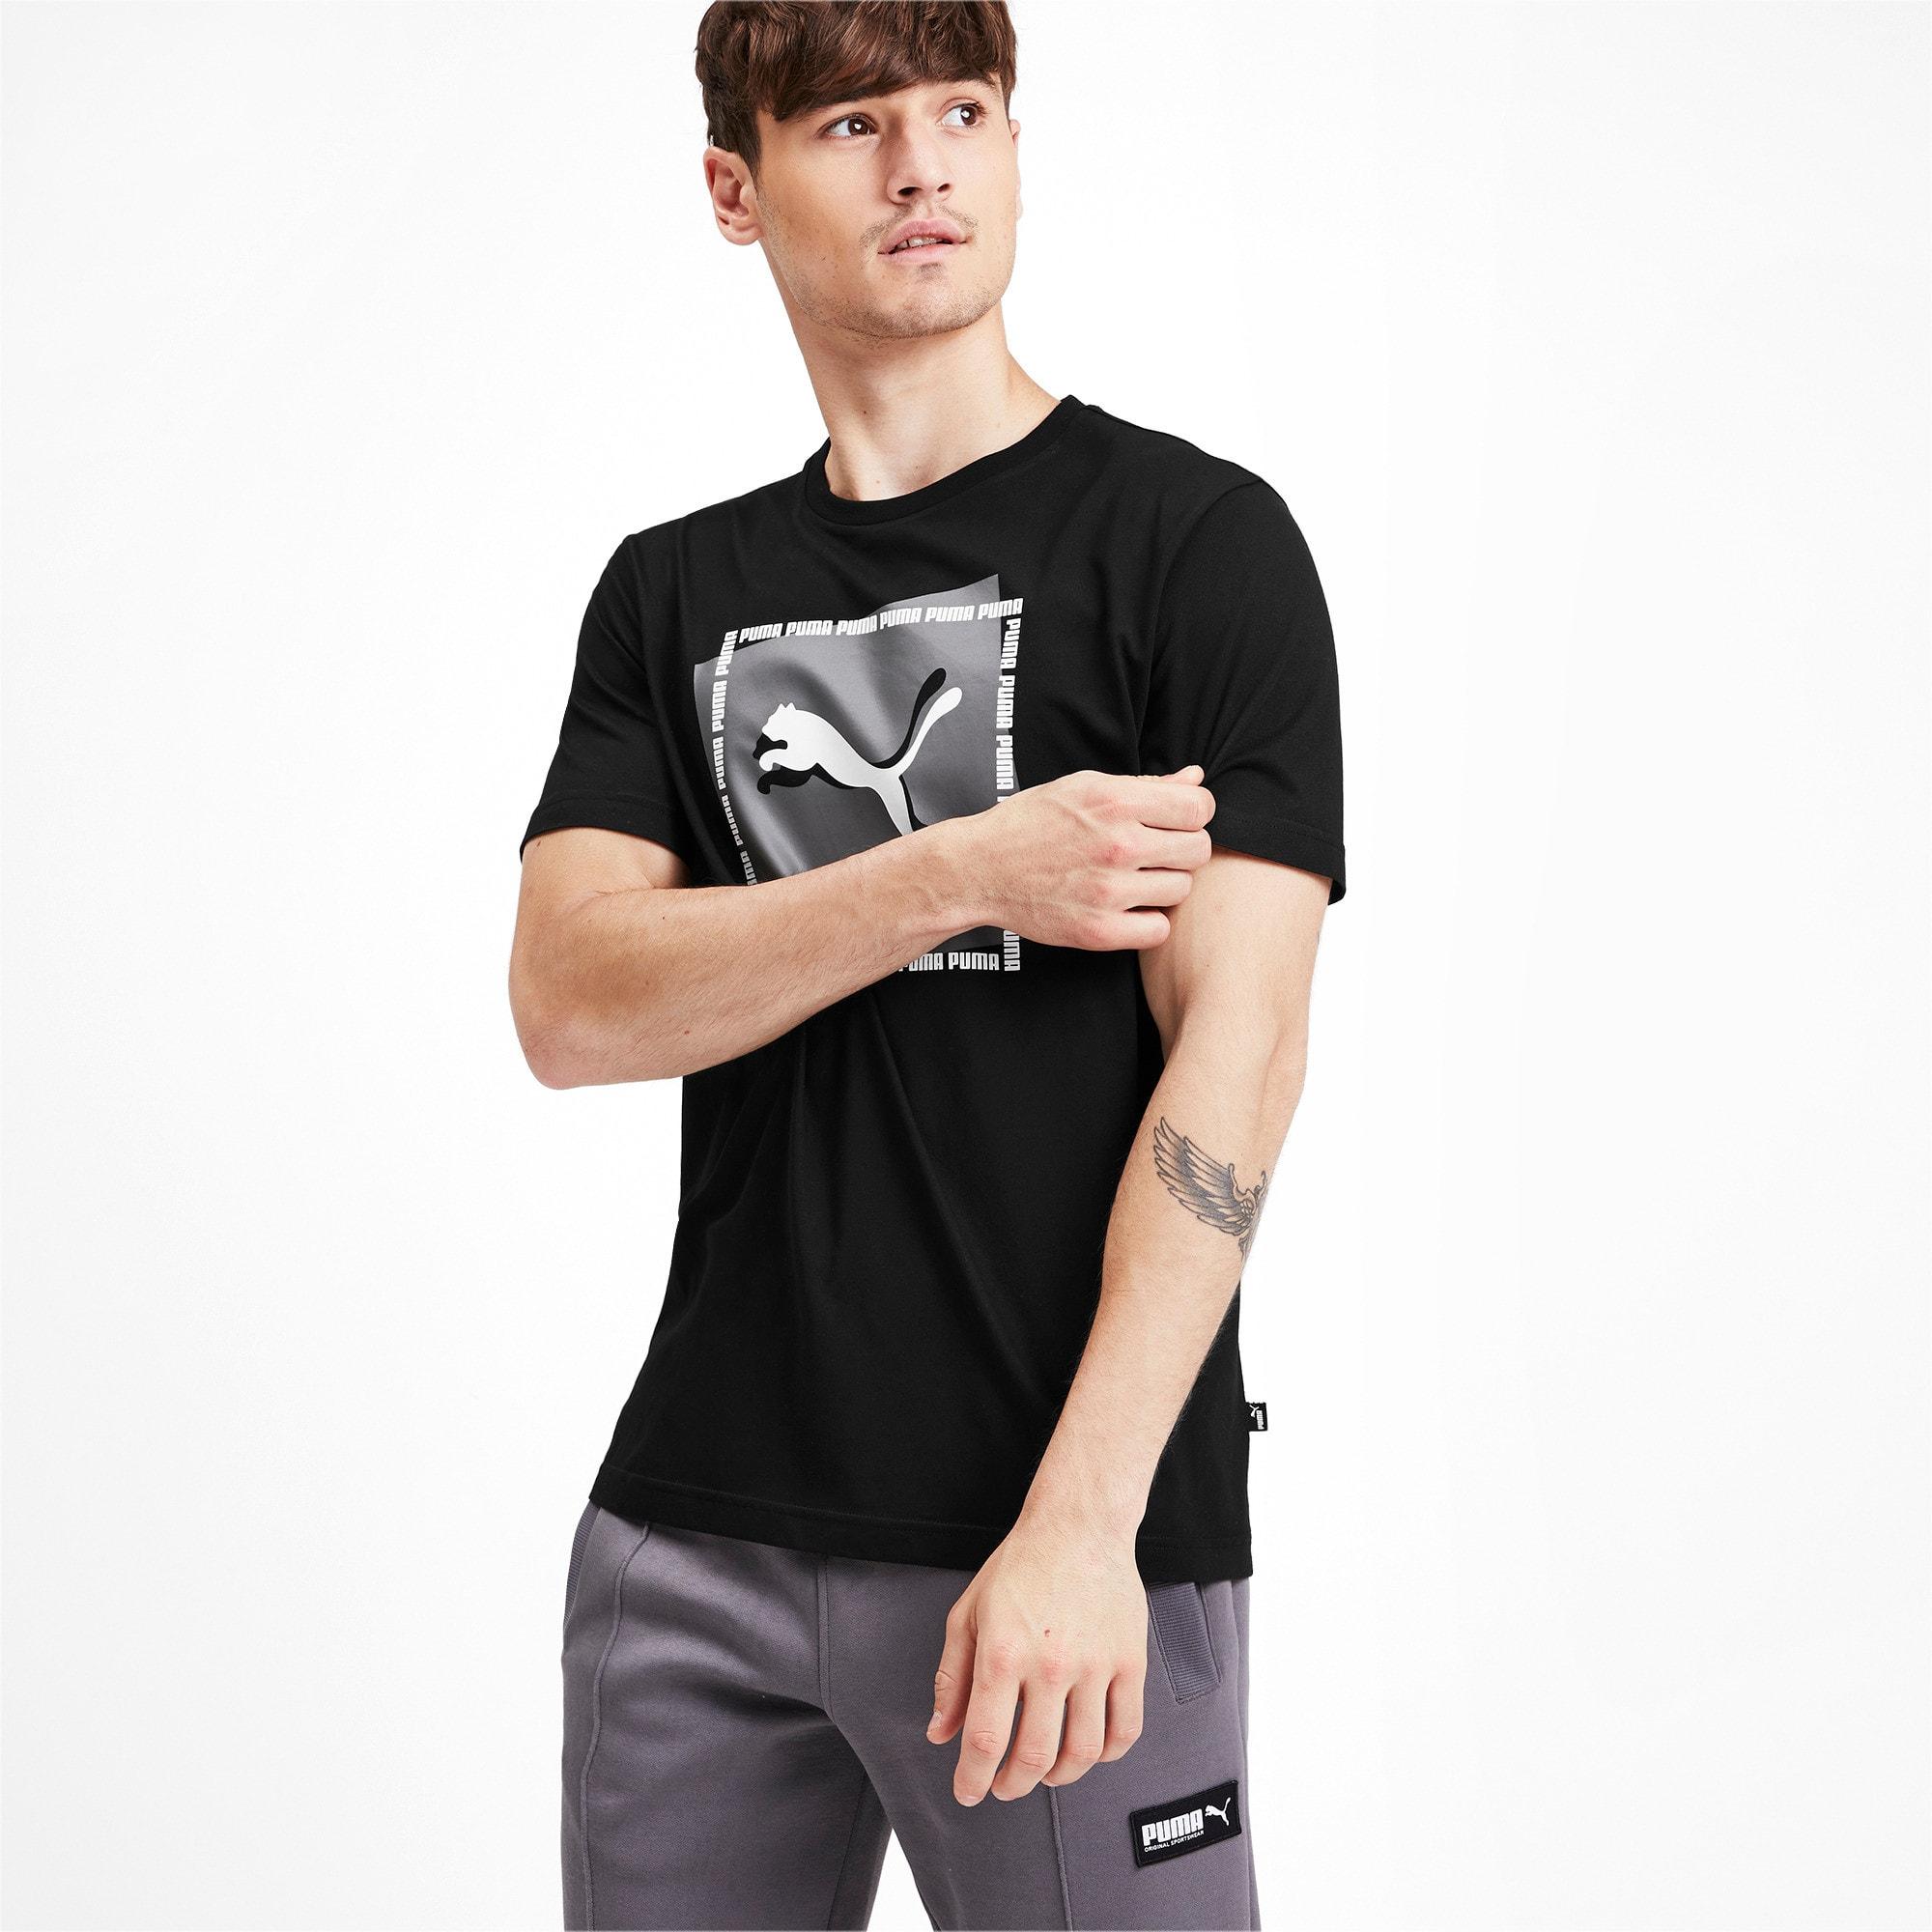 Thumbnail 1 of Cat Brand Graphic Men's Tee, Puma Black, medium